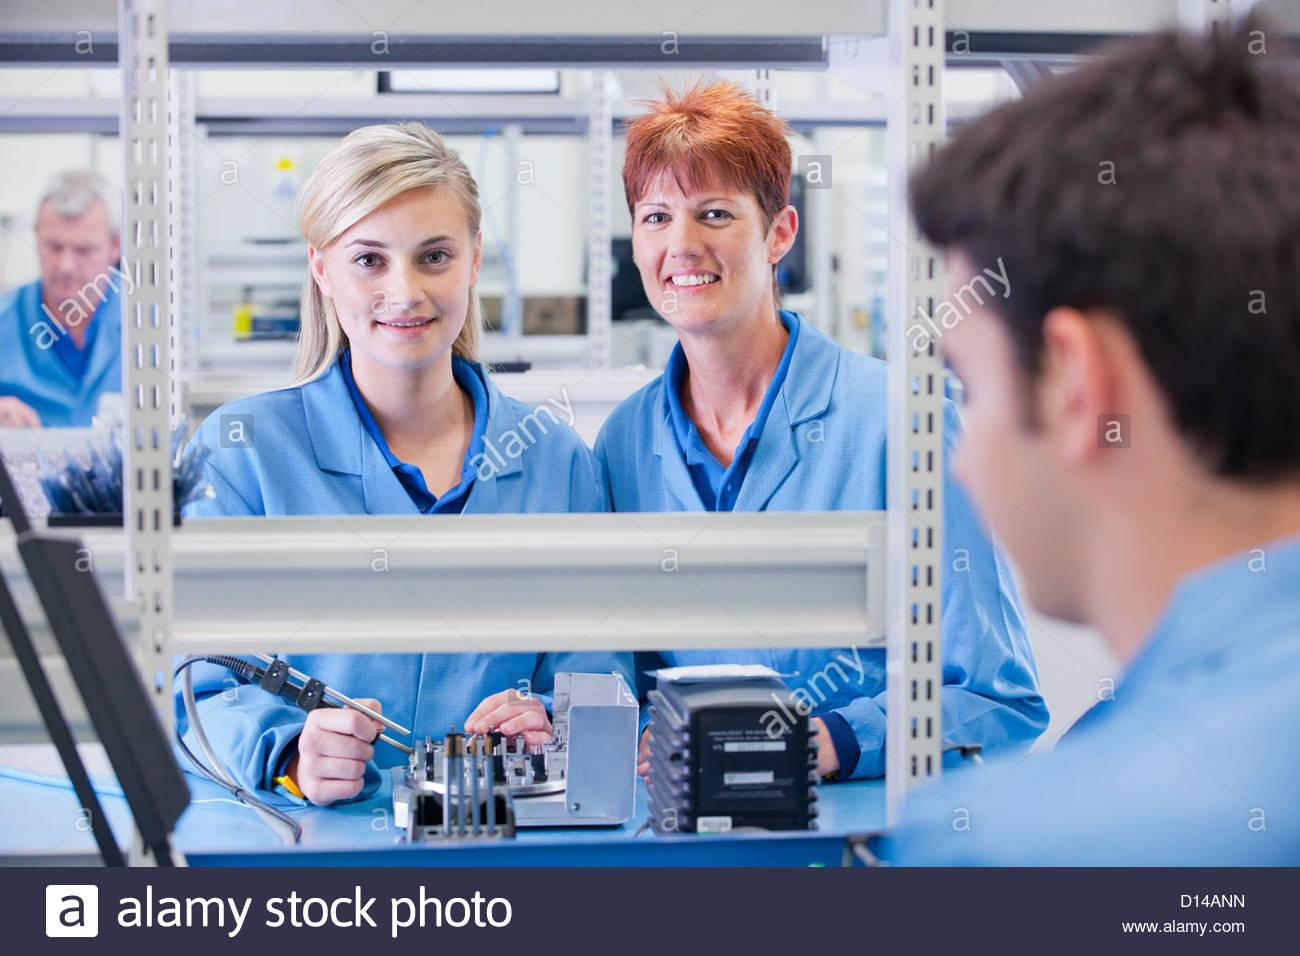 Retrato de sonriente supervisor técnico y montaje de circuito impreso en la planta de fabricación Imagen De Stock